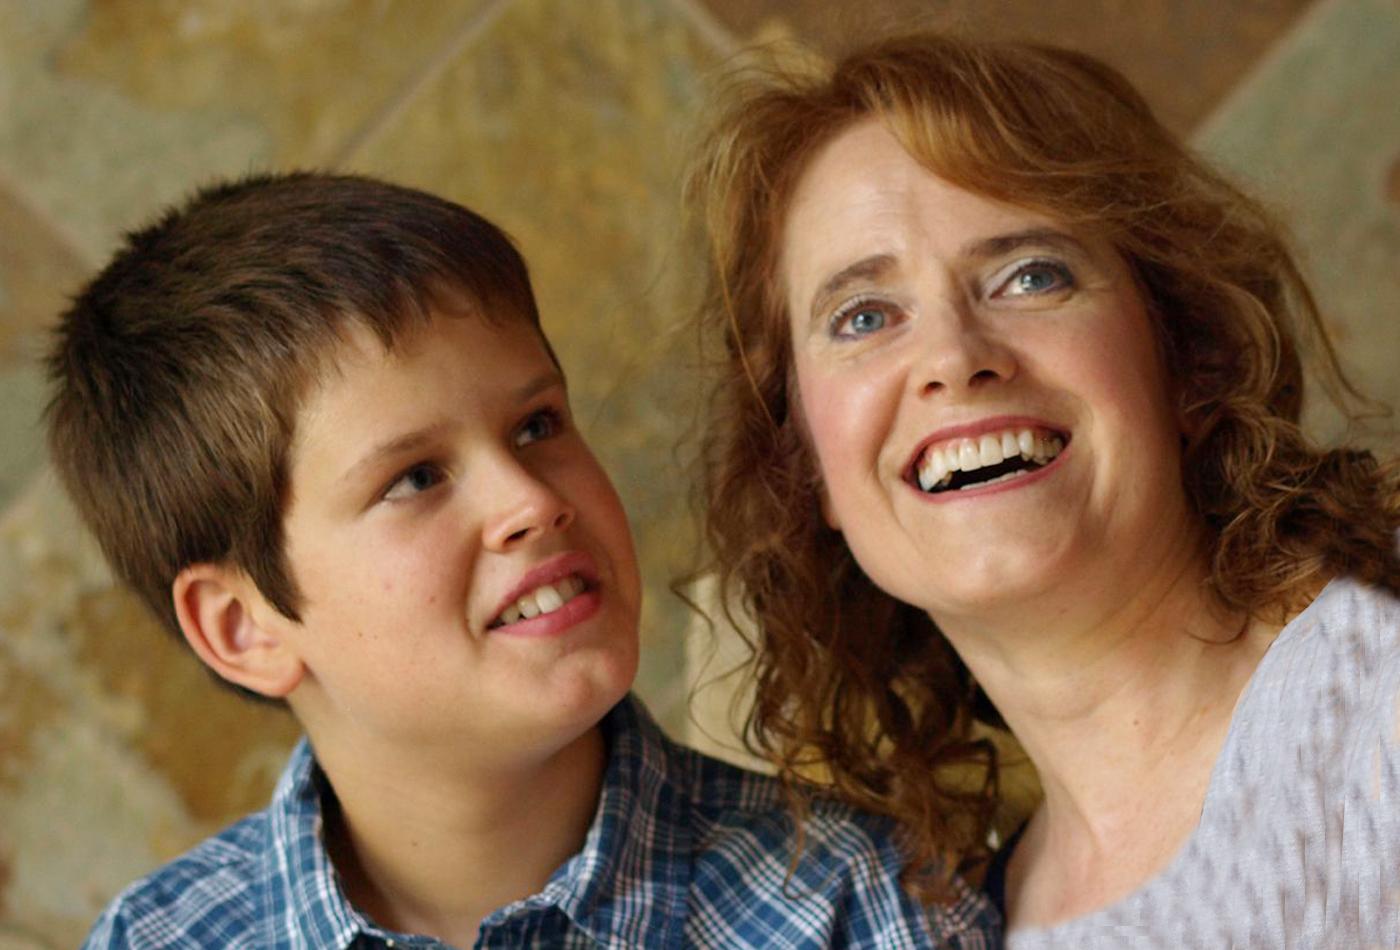 سمات في الأمهات قد تشير إلى المتغيرات الوراثية للتوحد